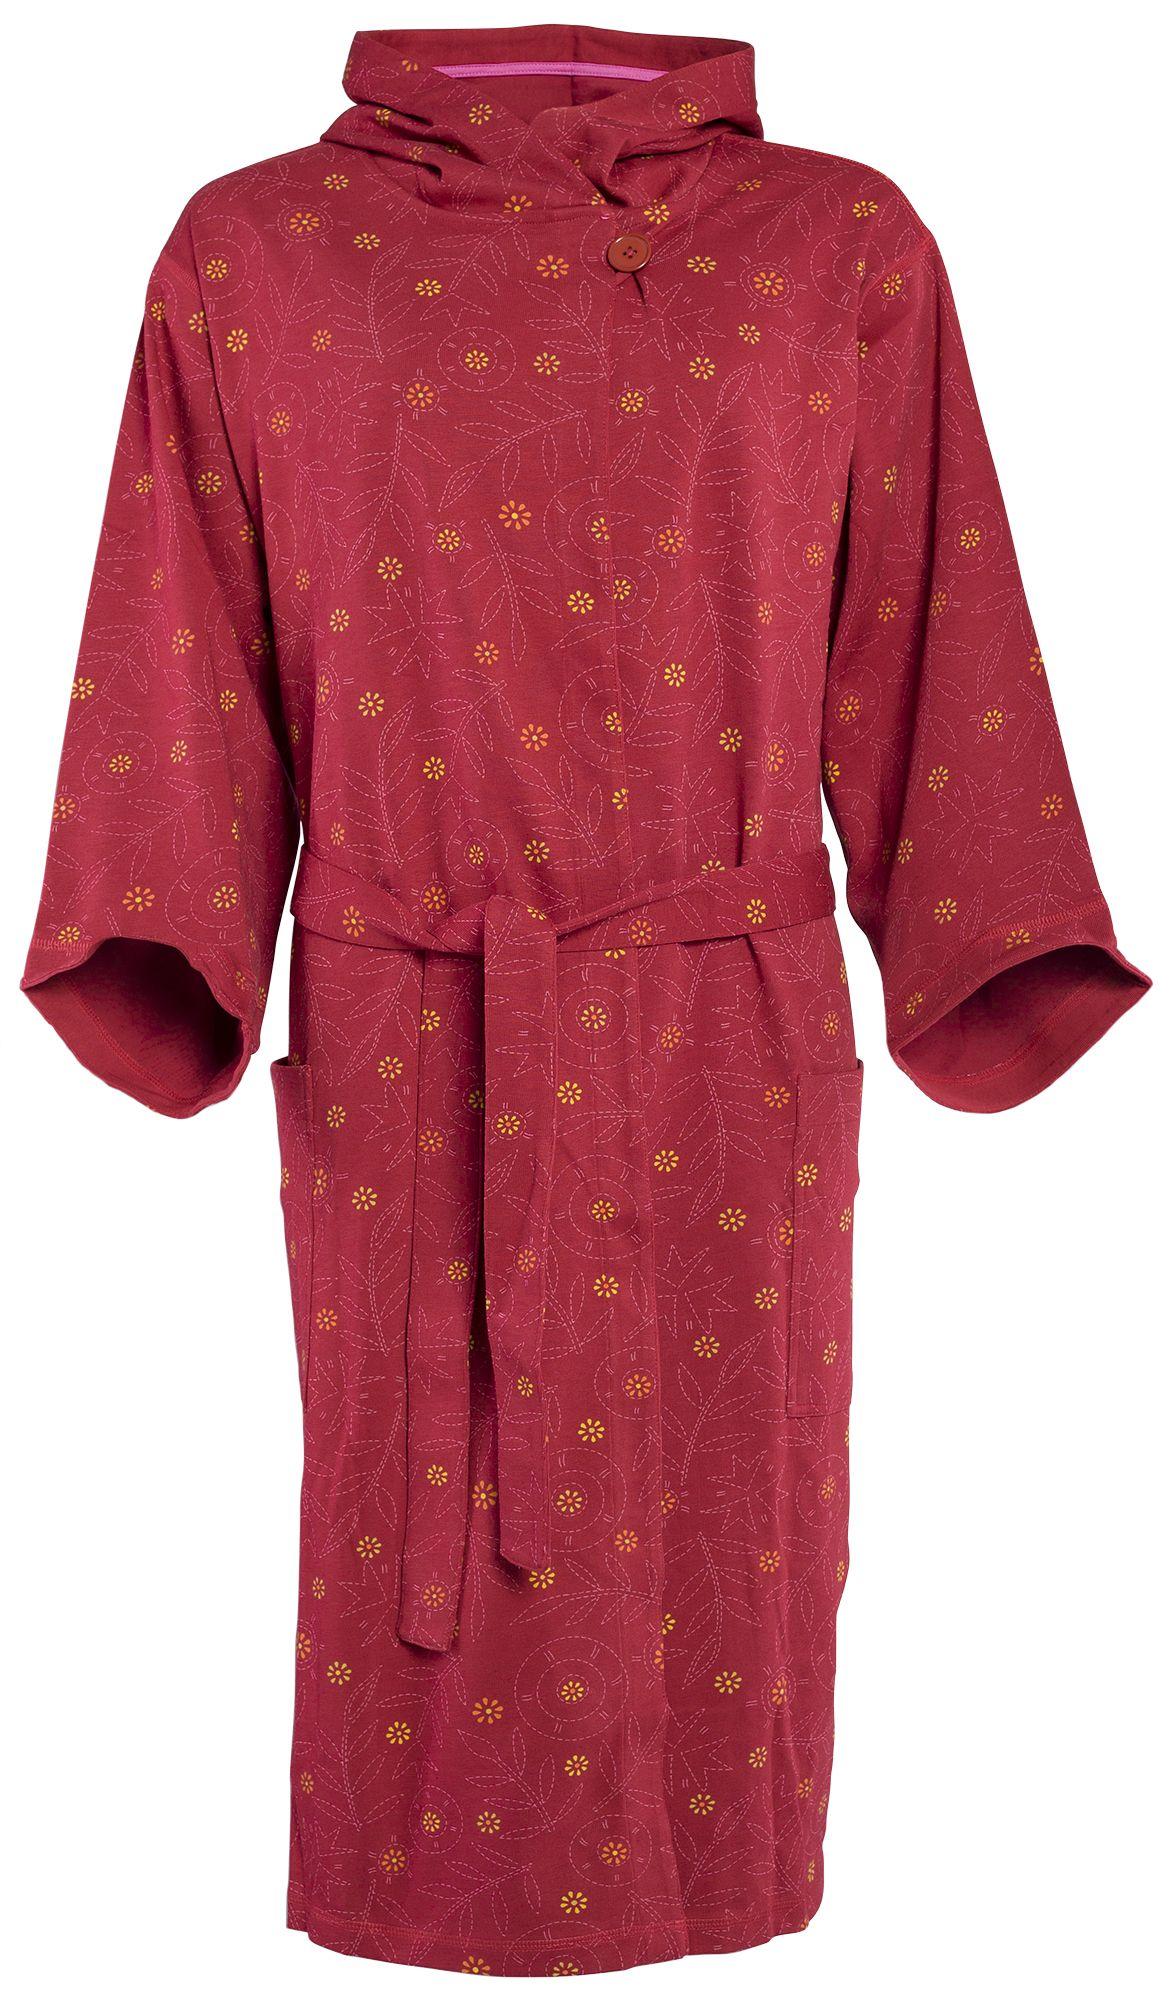 """Weihnachten 2013 - Der Blazer """"Turtur"""" aus Baumwolle ist ein tragbarer, asiatisch inspirierter Blazer mit kleinem Schalkragen, kunstvoll bestickten Ärmeln und dekorativer Schließe in der Mitte."""